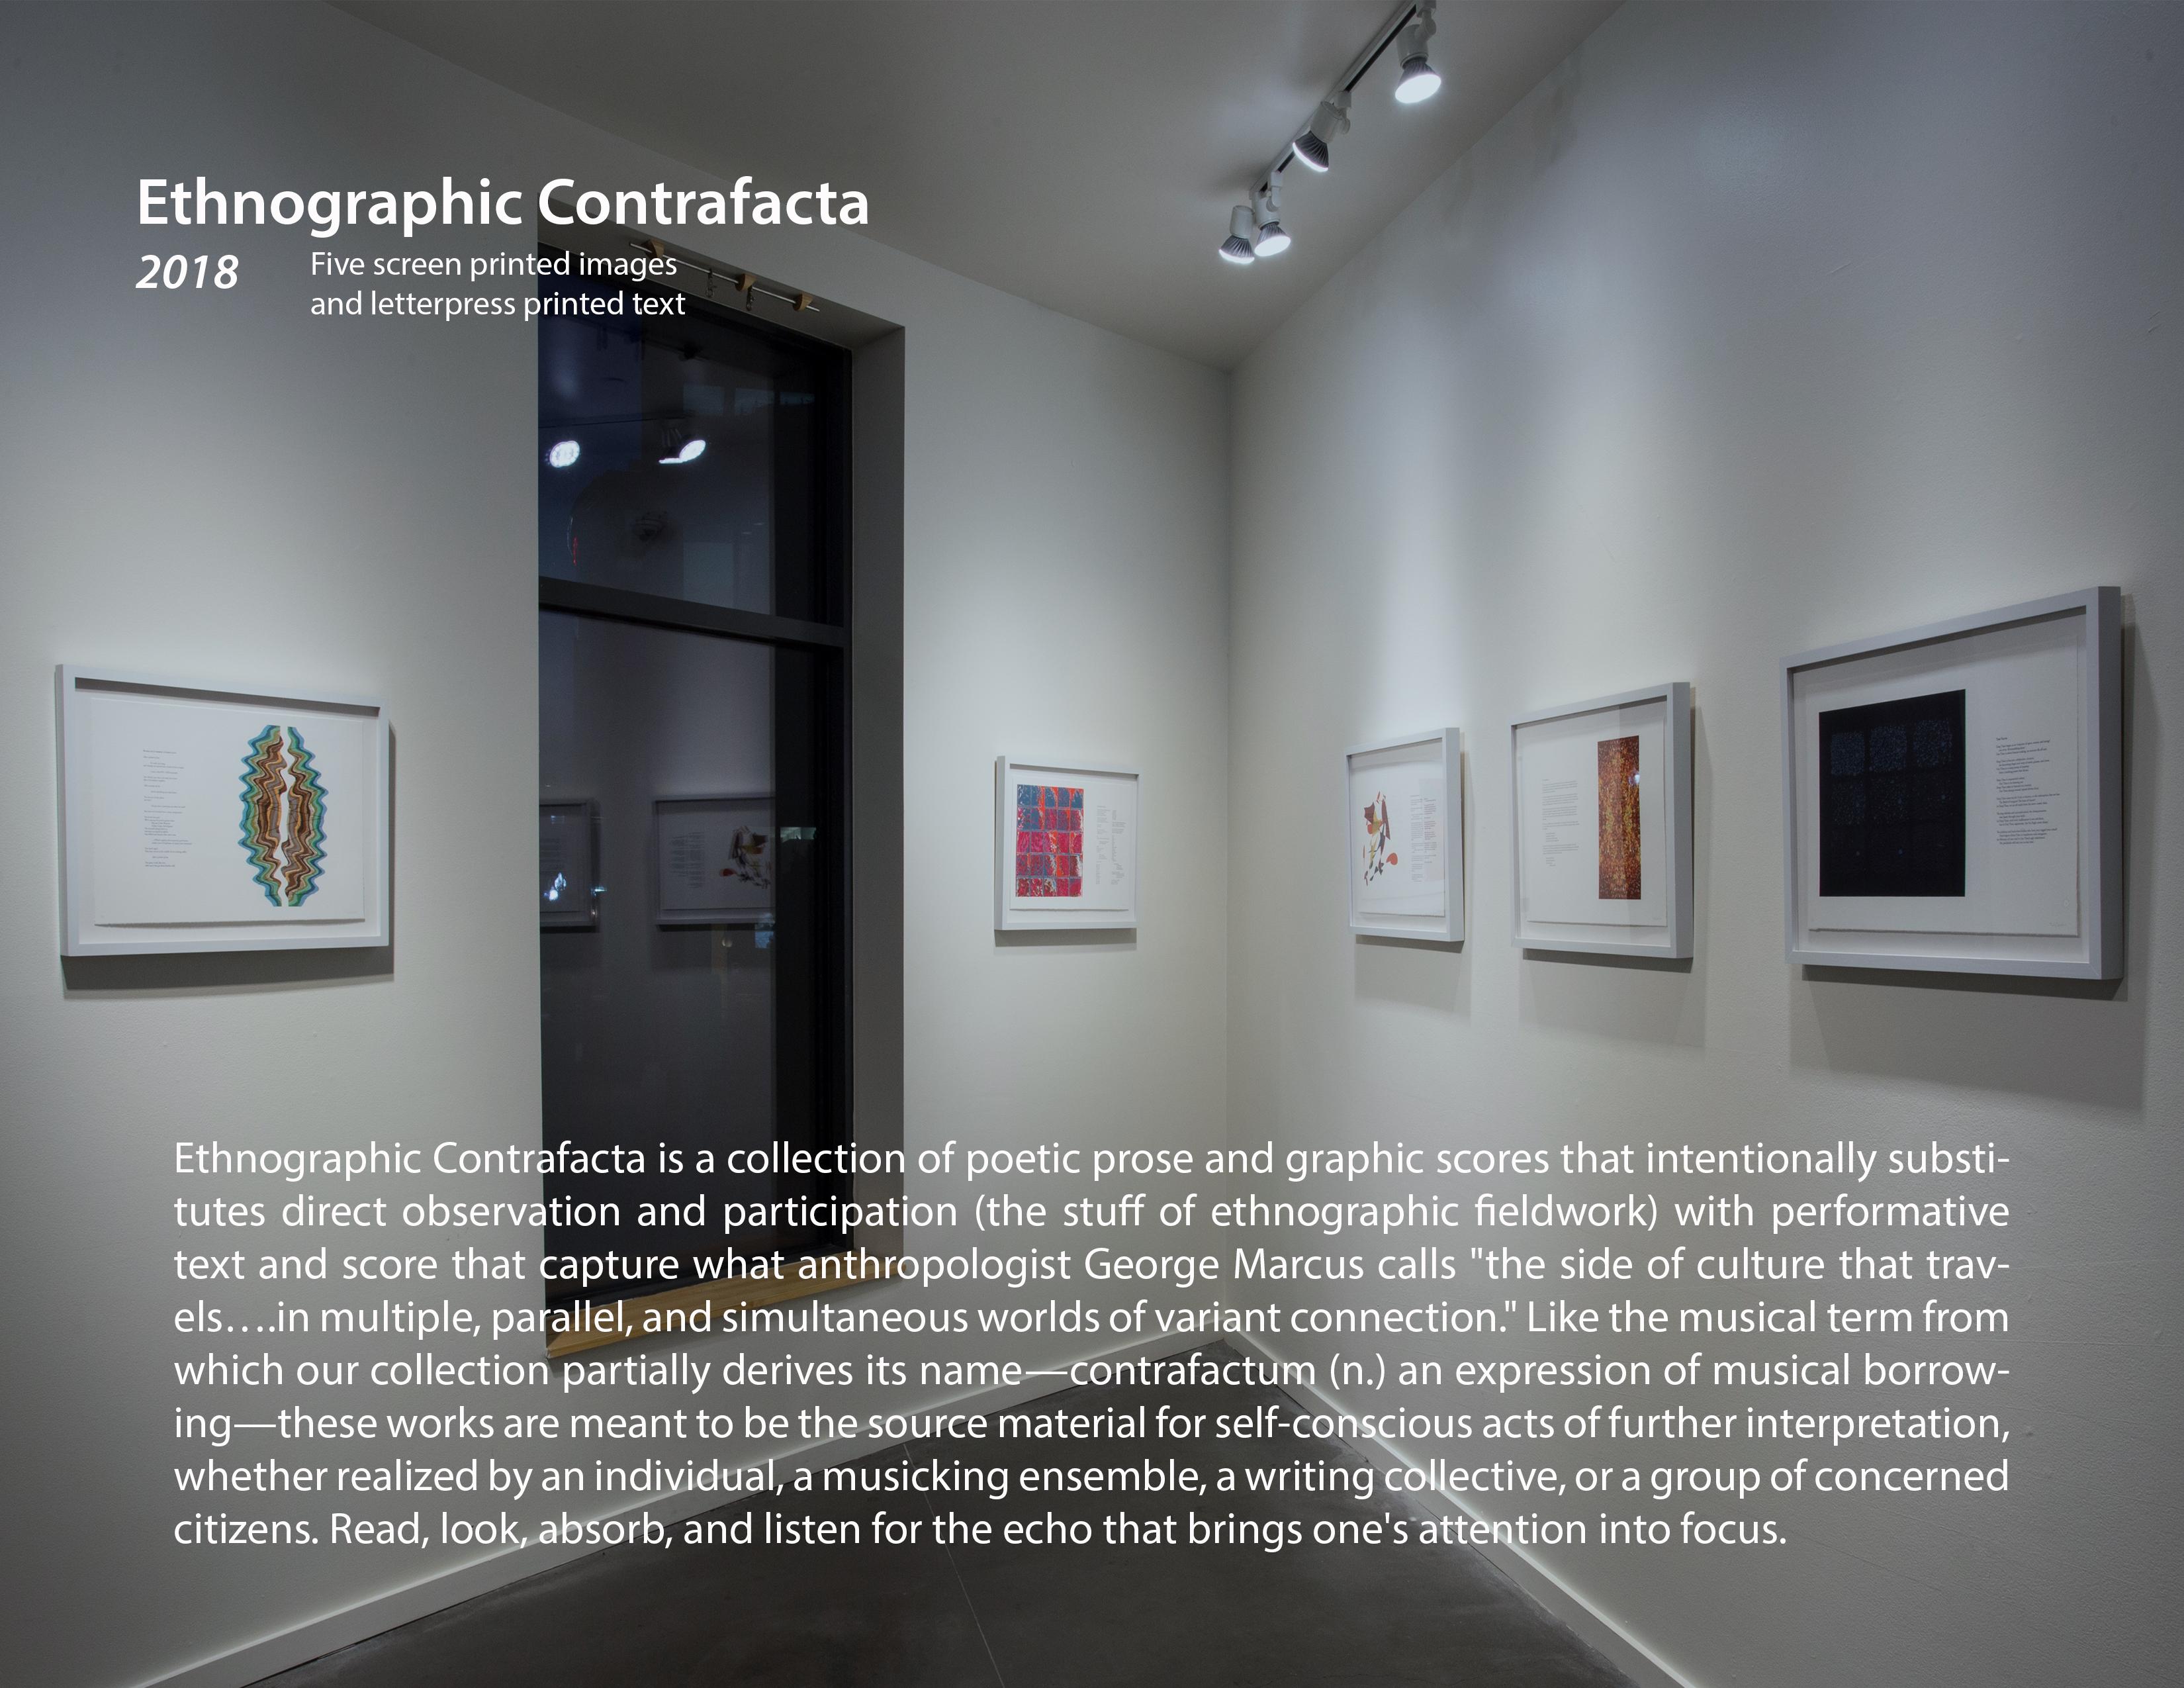 Ethnographic Contrafacta